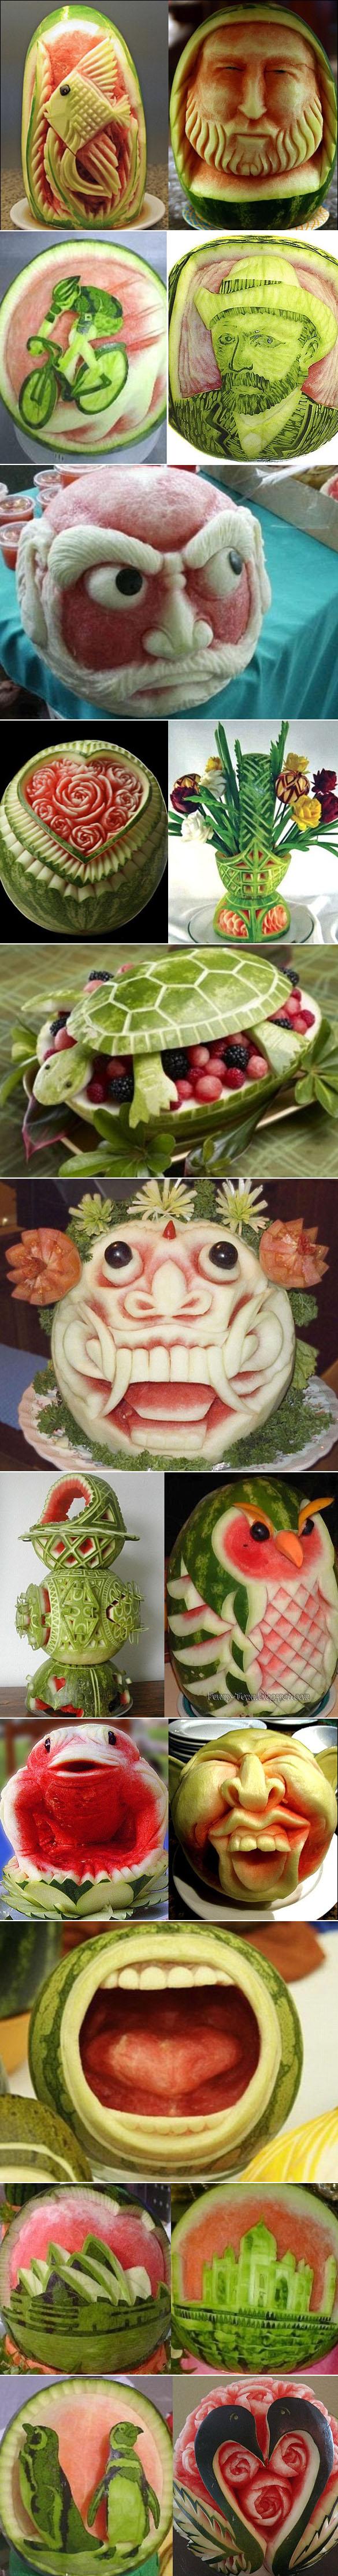 Esculturas na melancia